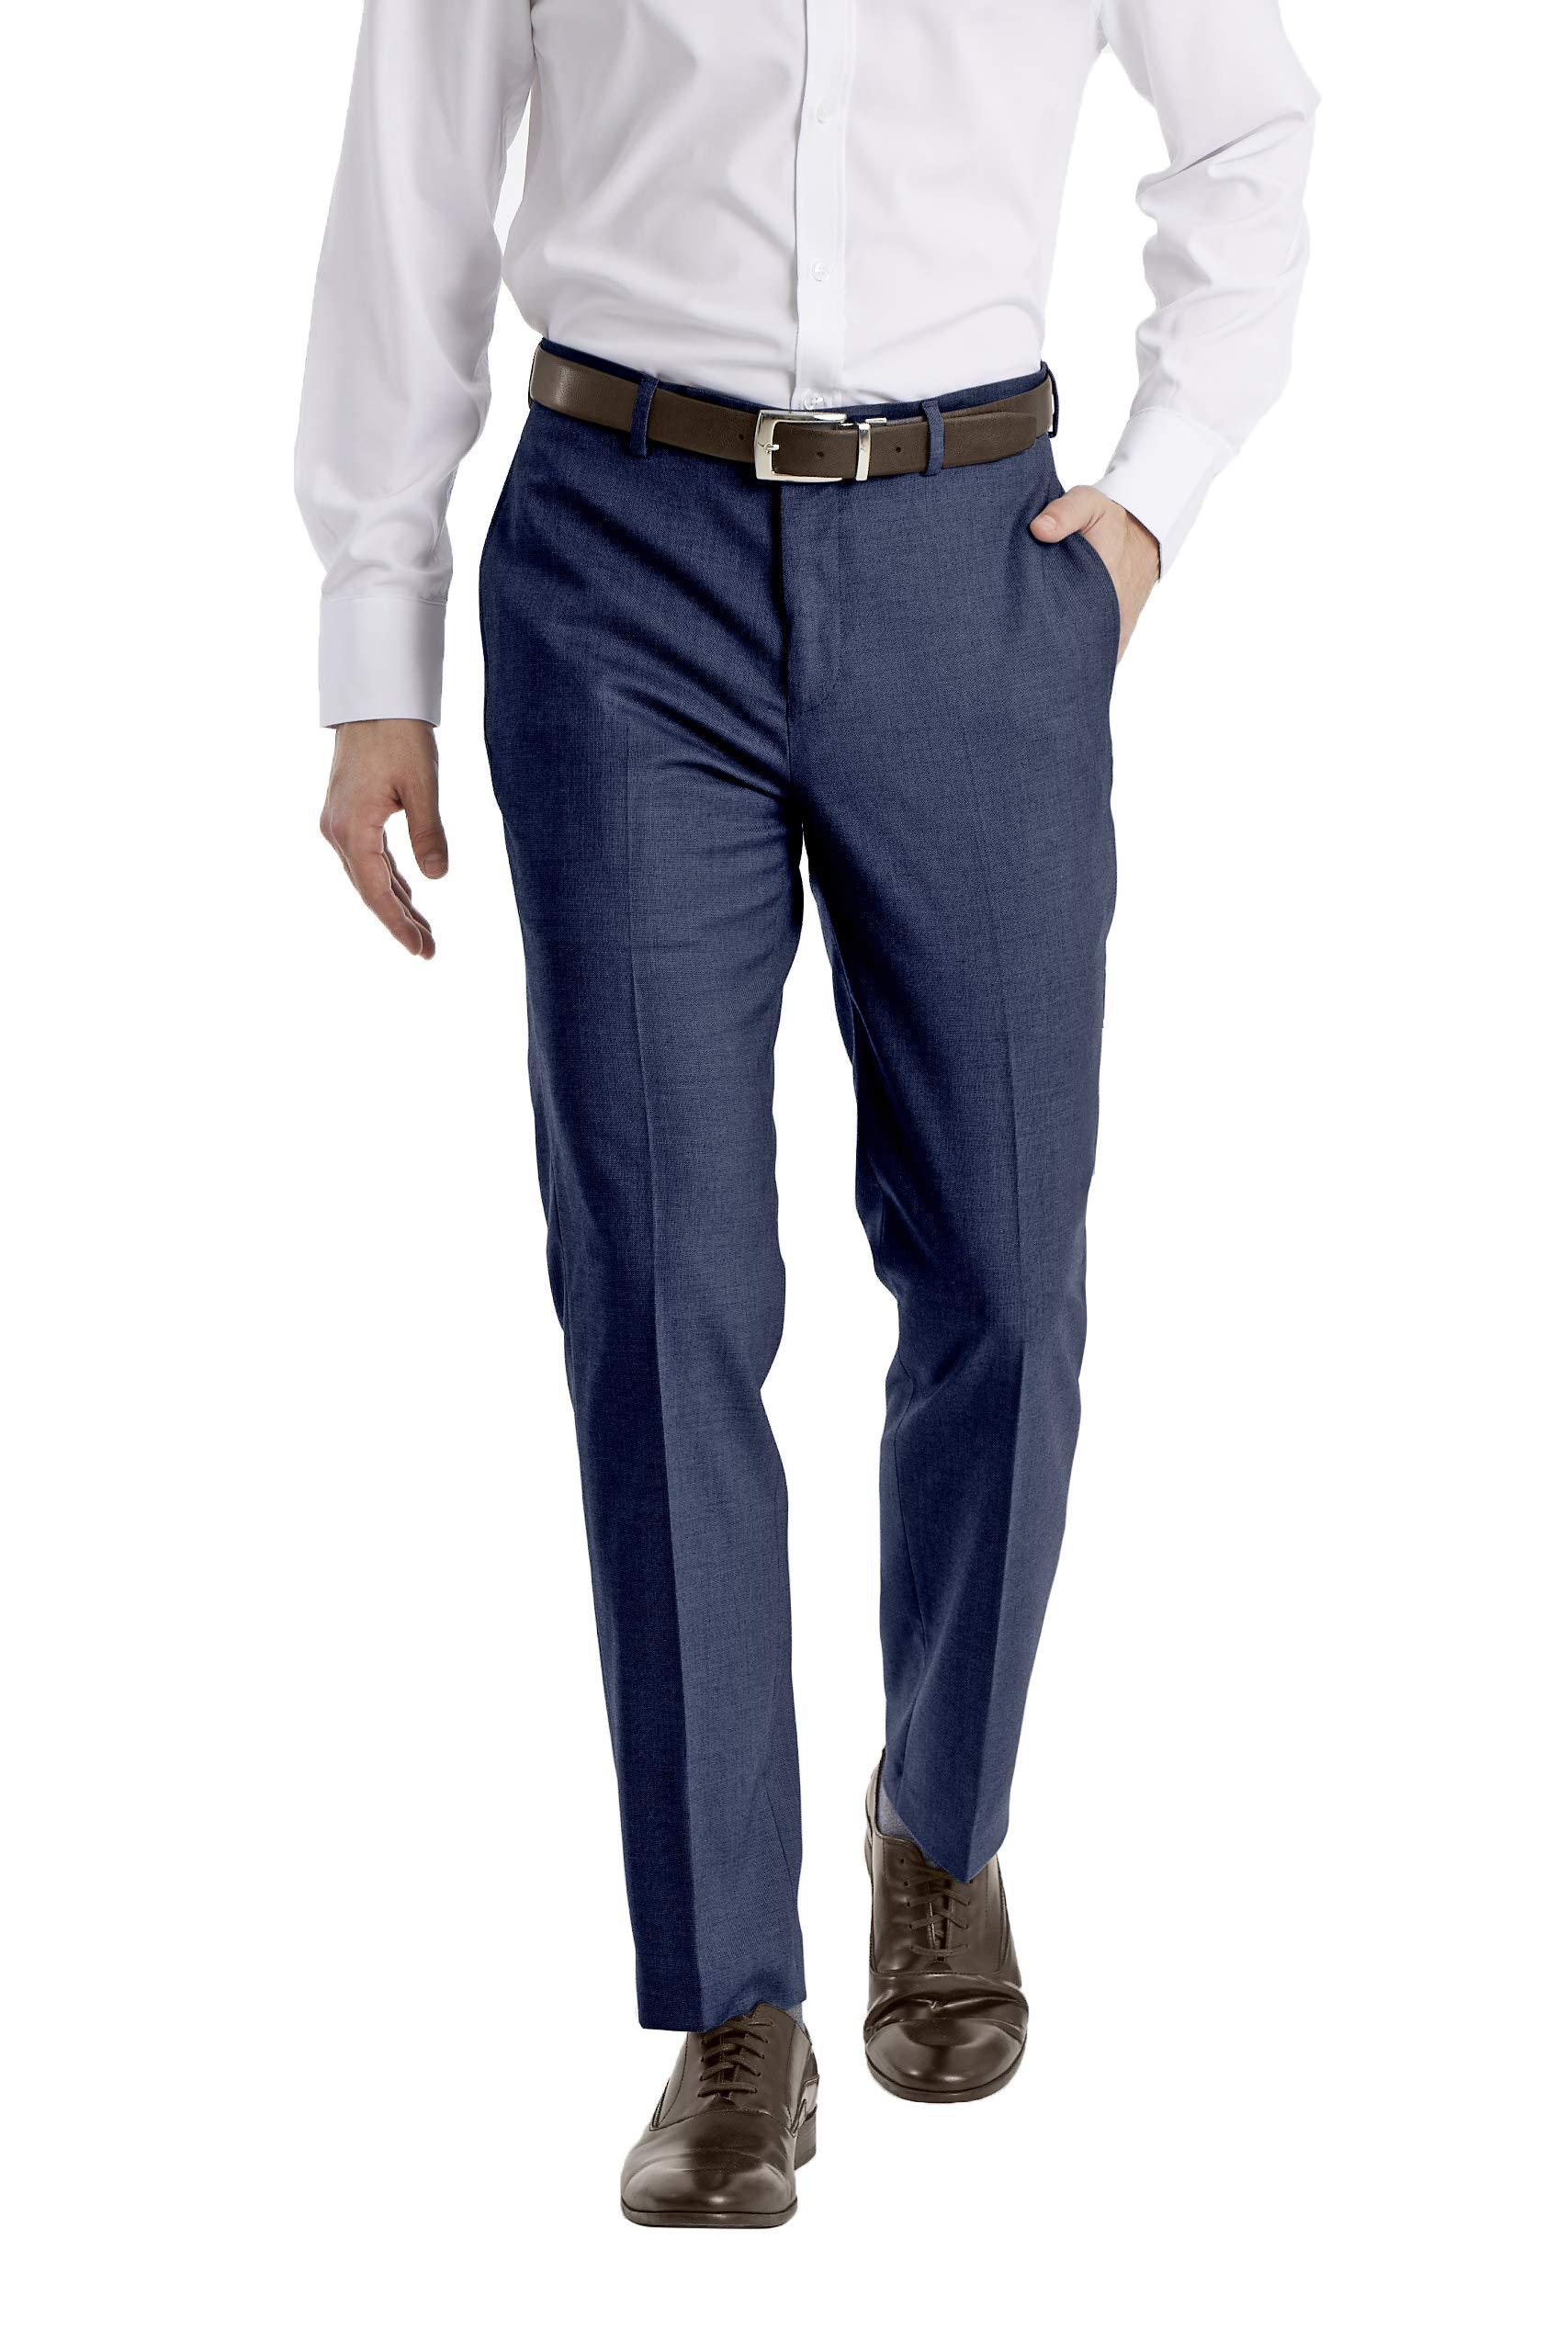 Calvin Klein Men's Slim Fit Stretch Suit Separates-Custom Jacket & Pant Size Selection, Blue Pant, 34W x 34L by Calvin Klein